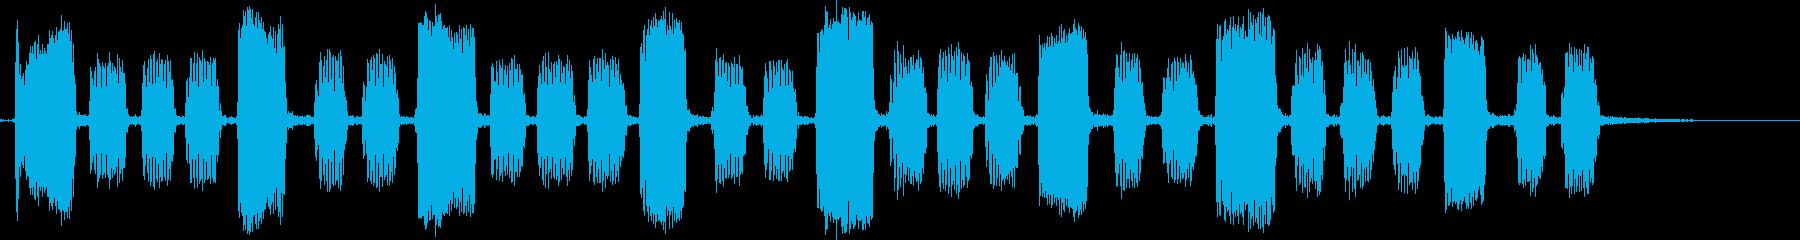 サンバホイッスル ピ~~~!Ver.4の再生済みの波形